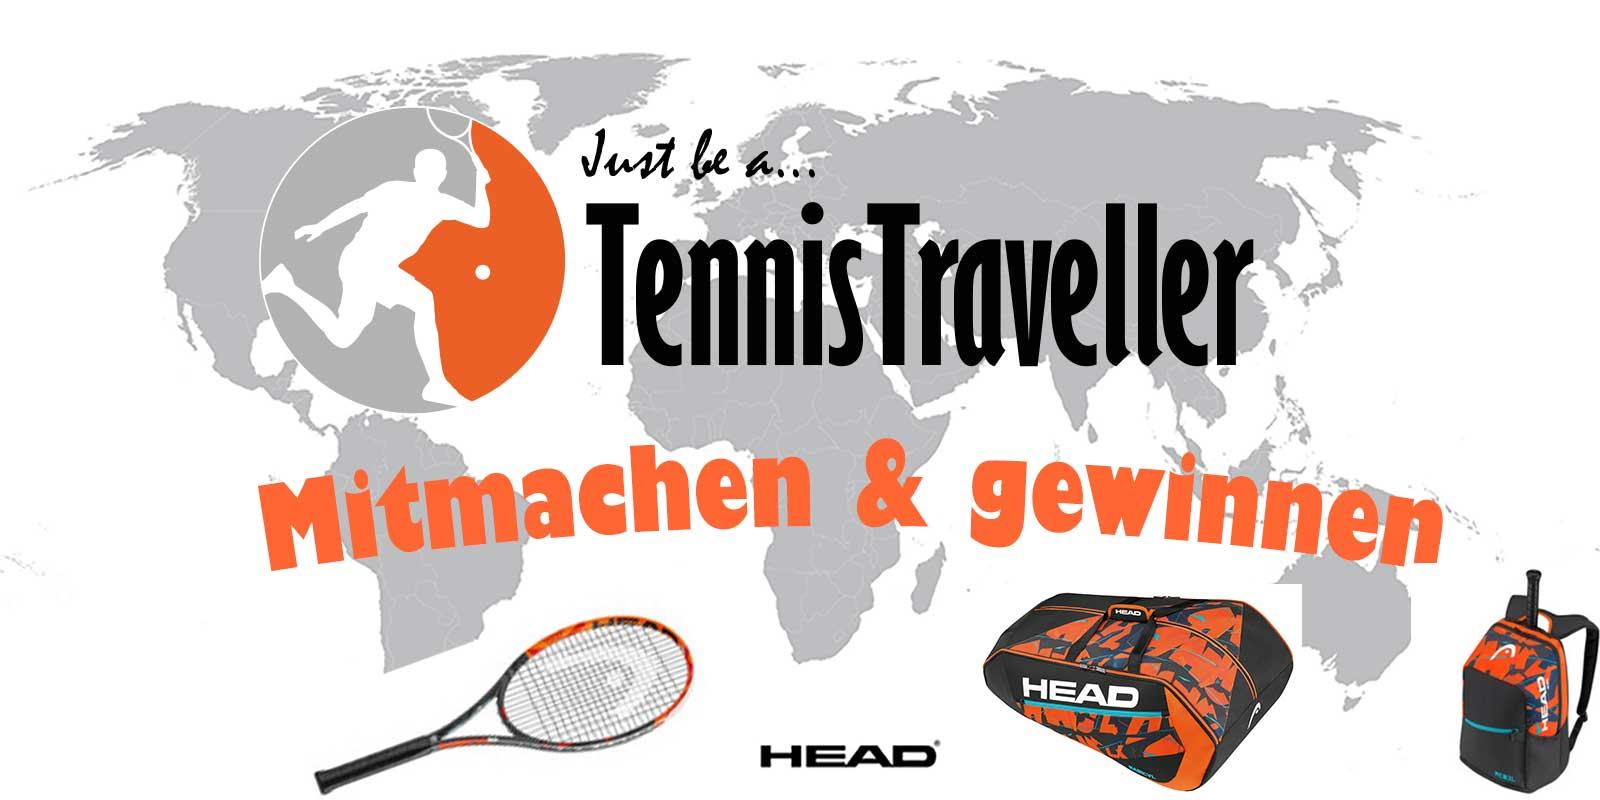 TennisTraveller.net